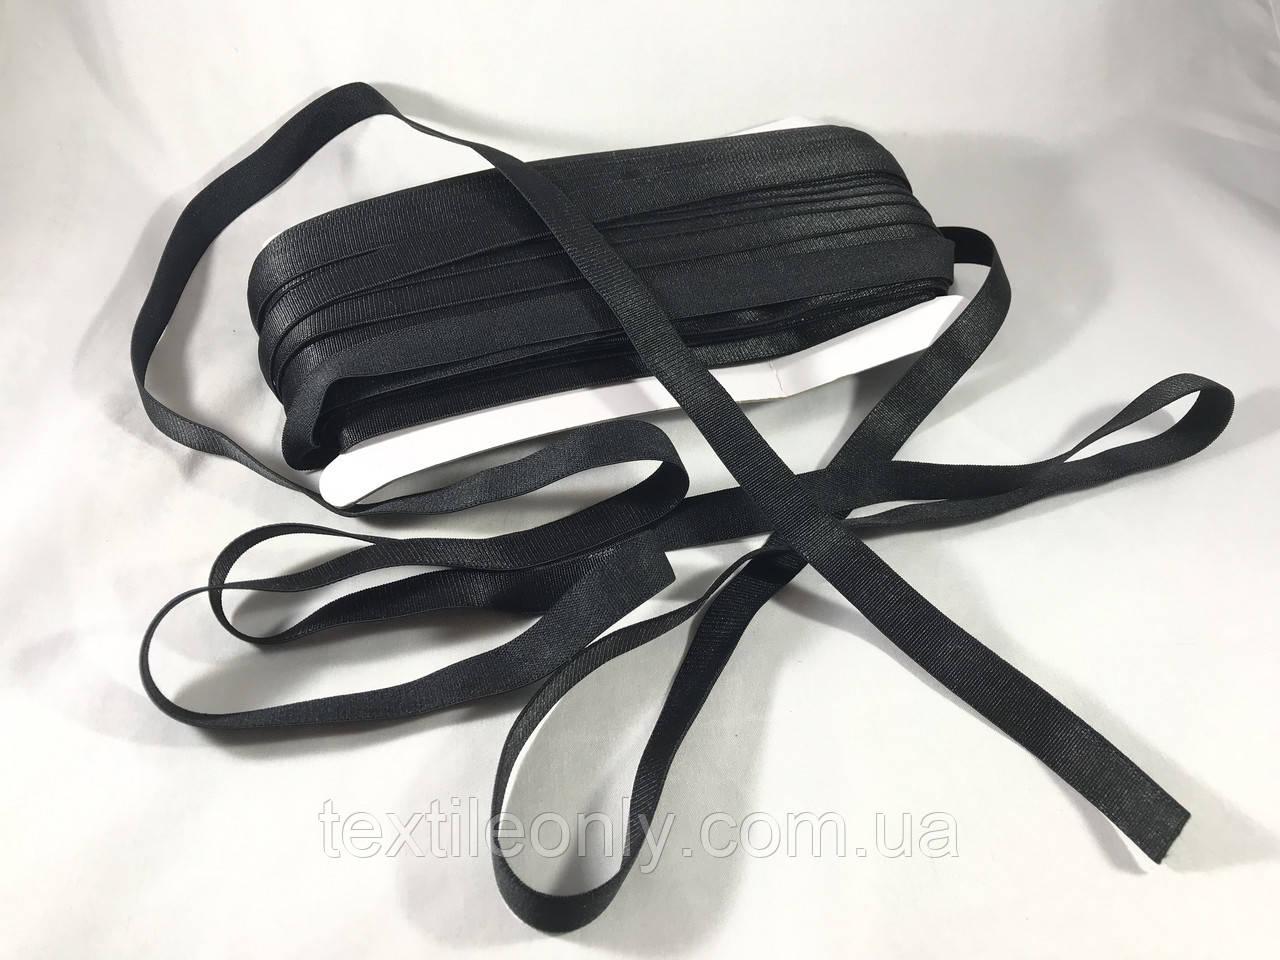 Резинка для бретелей цвет черный 15 мм